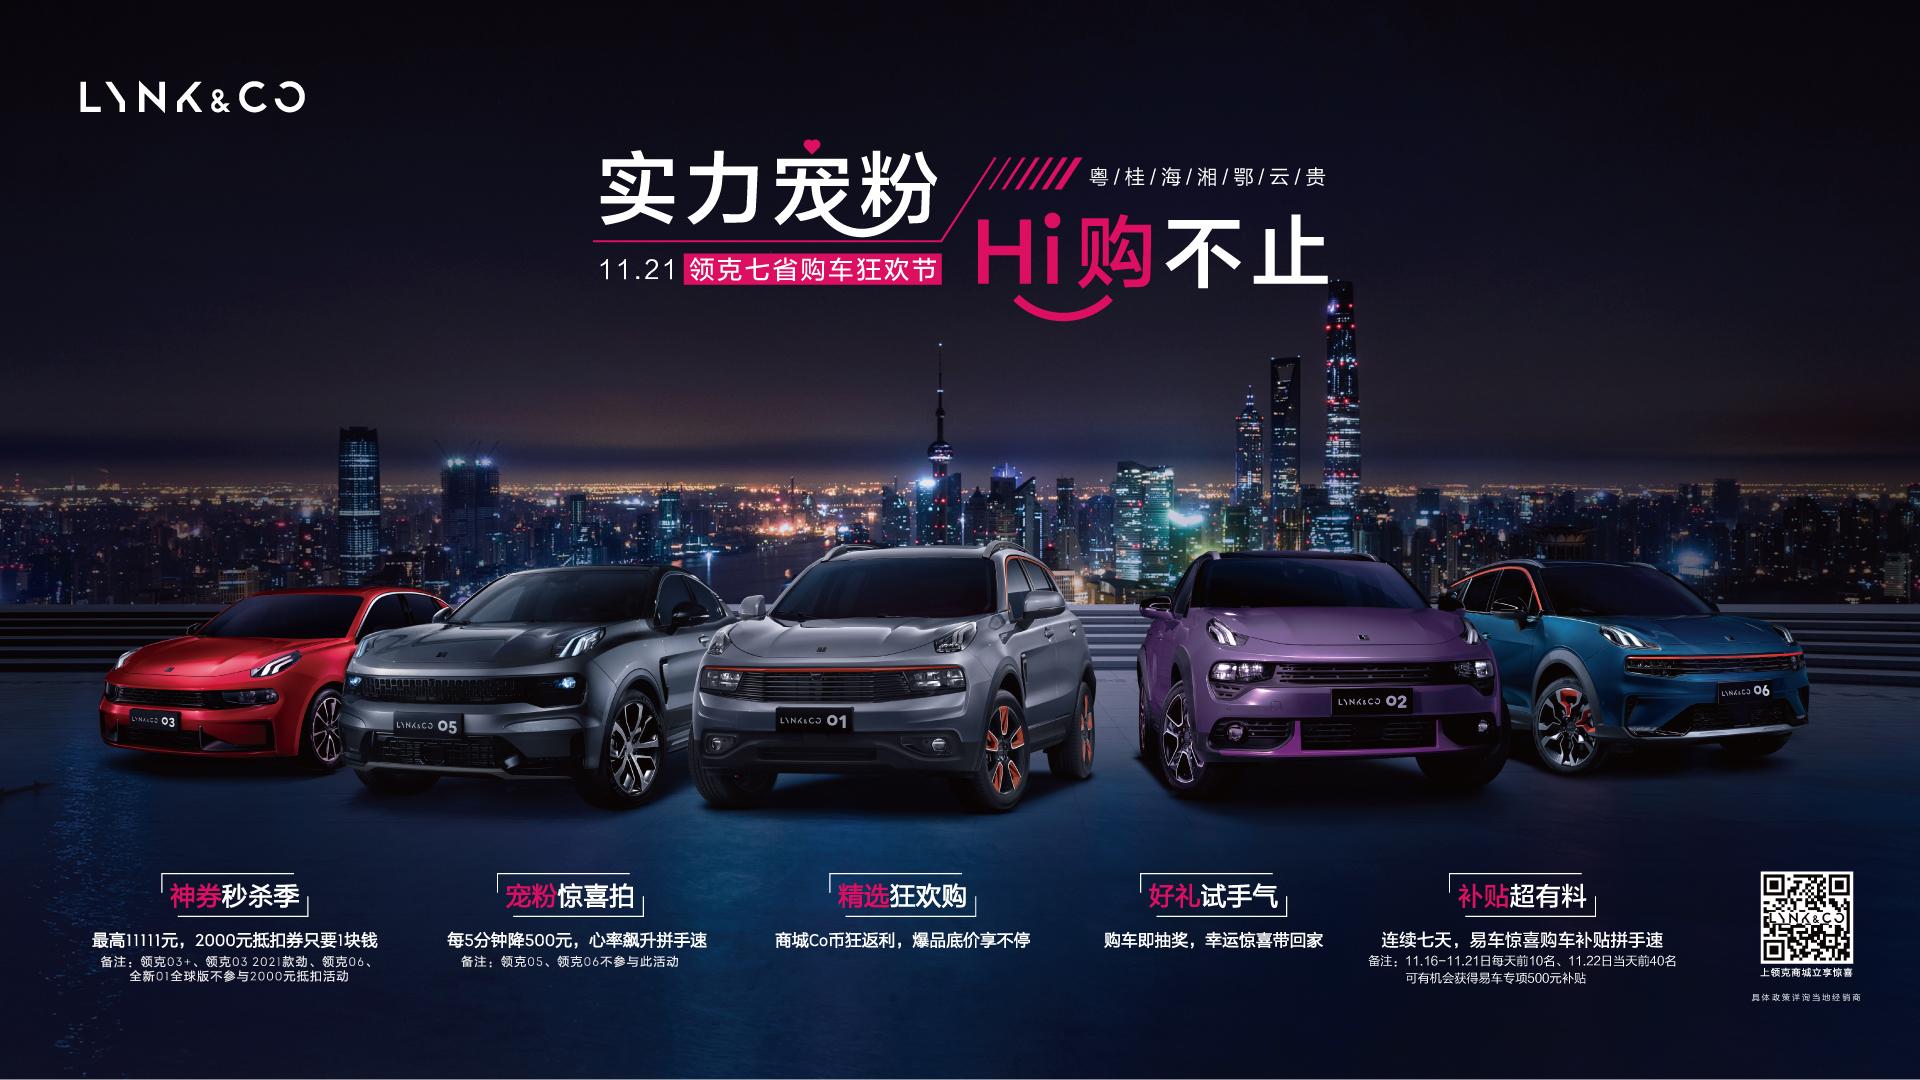 实力宠粉 Hi购不止 领克七省购车狂欢节——长沙站